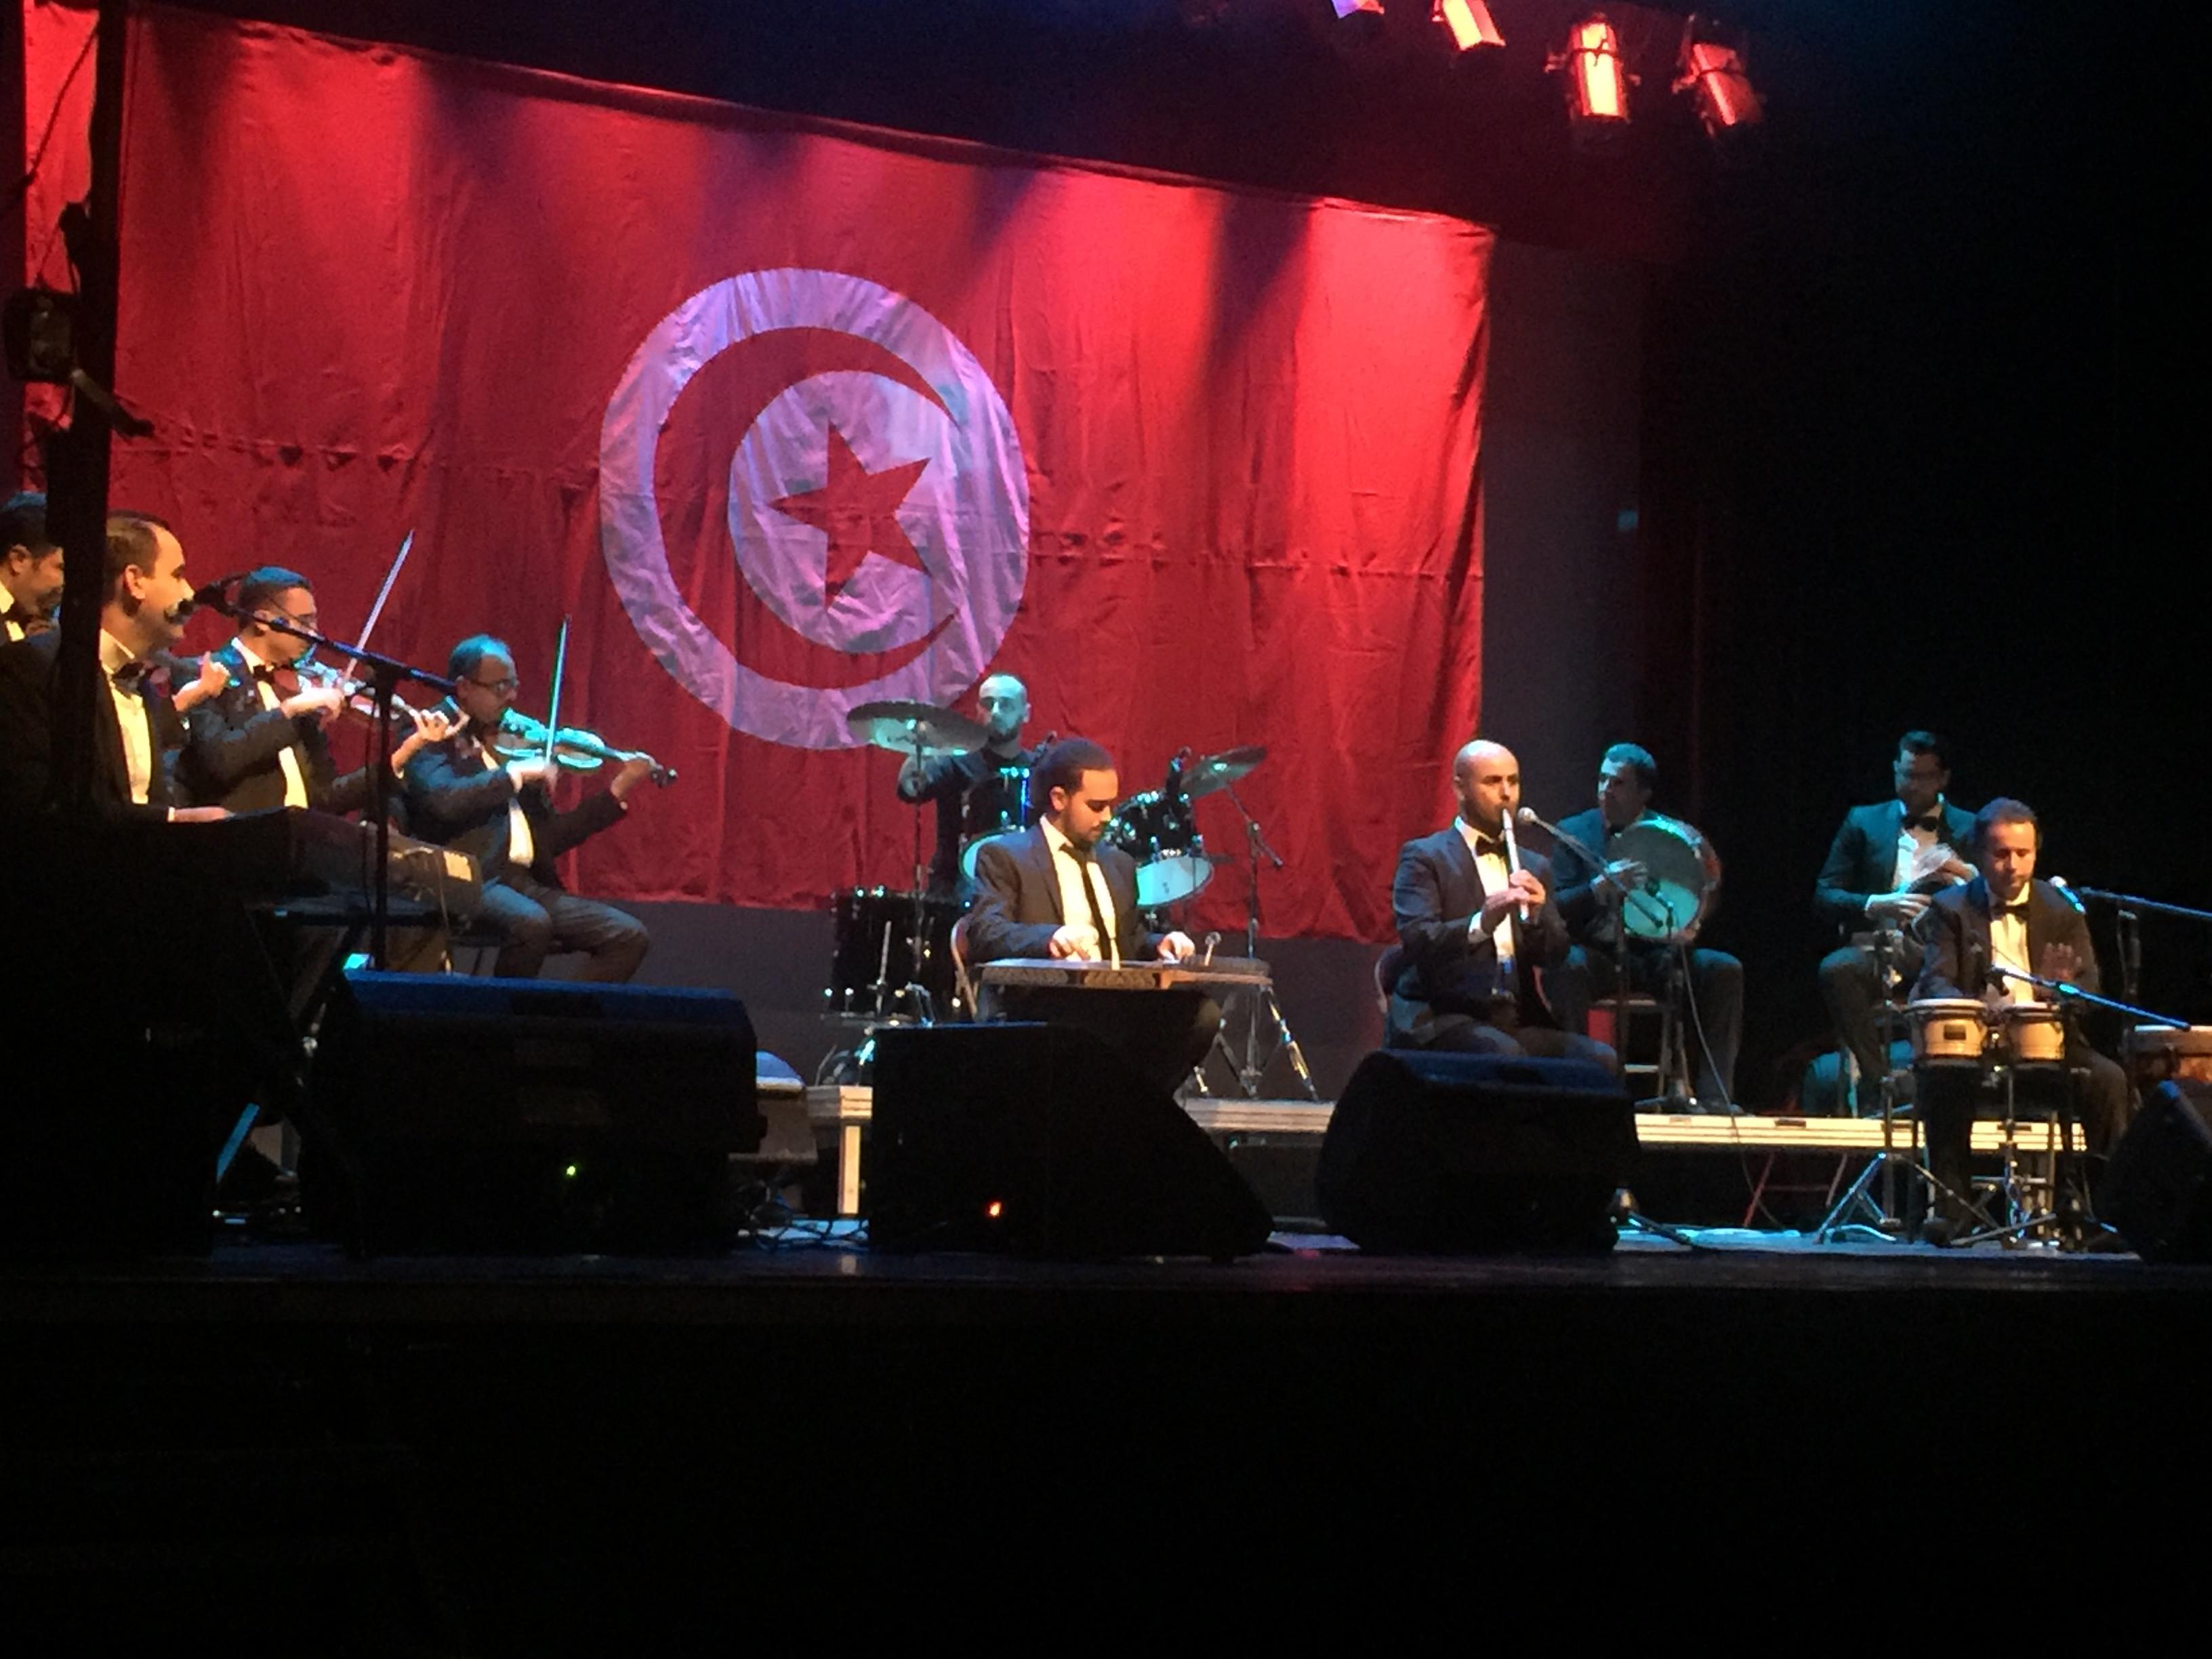 Orchestre tunisien & DJ